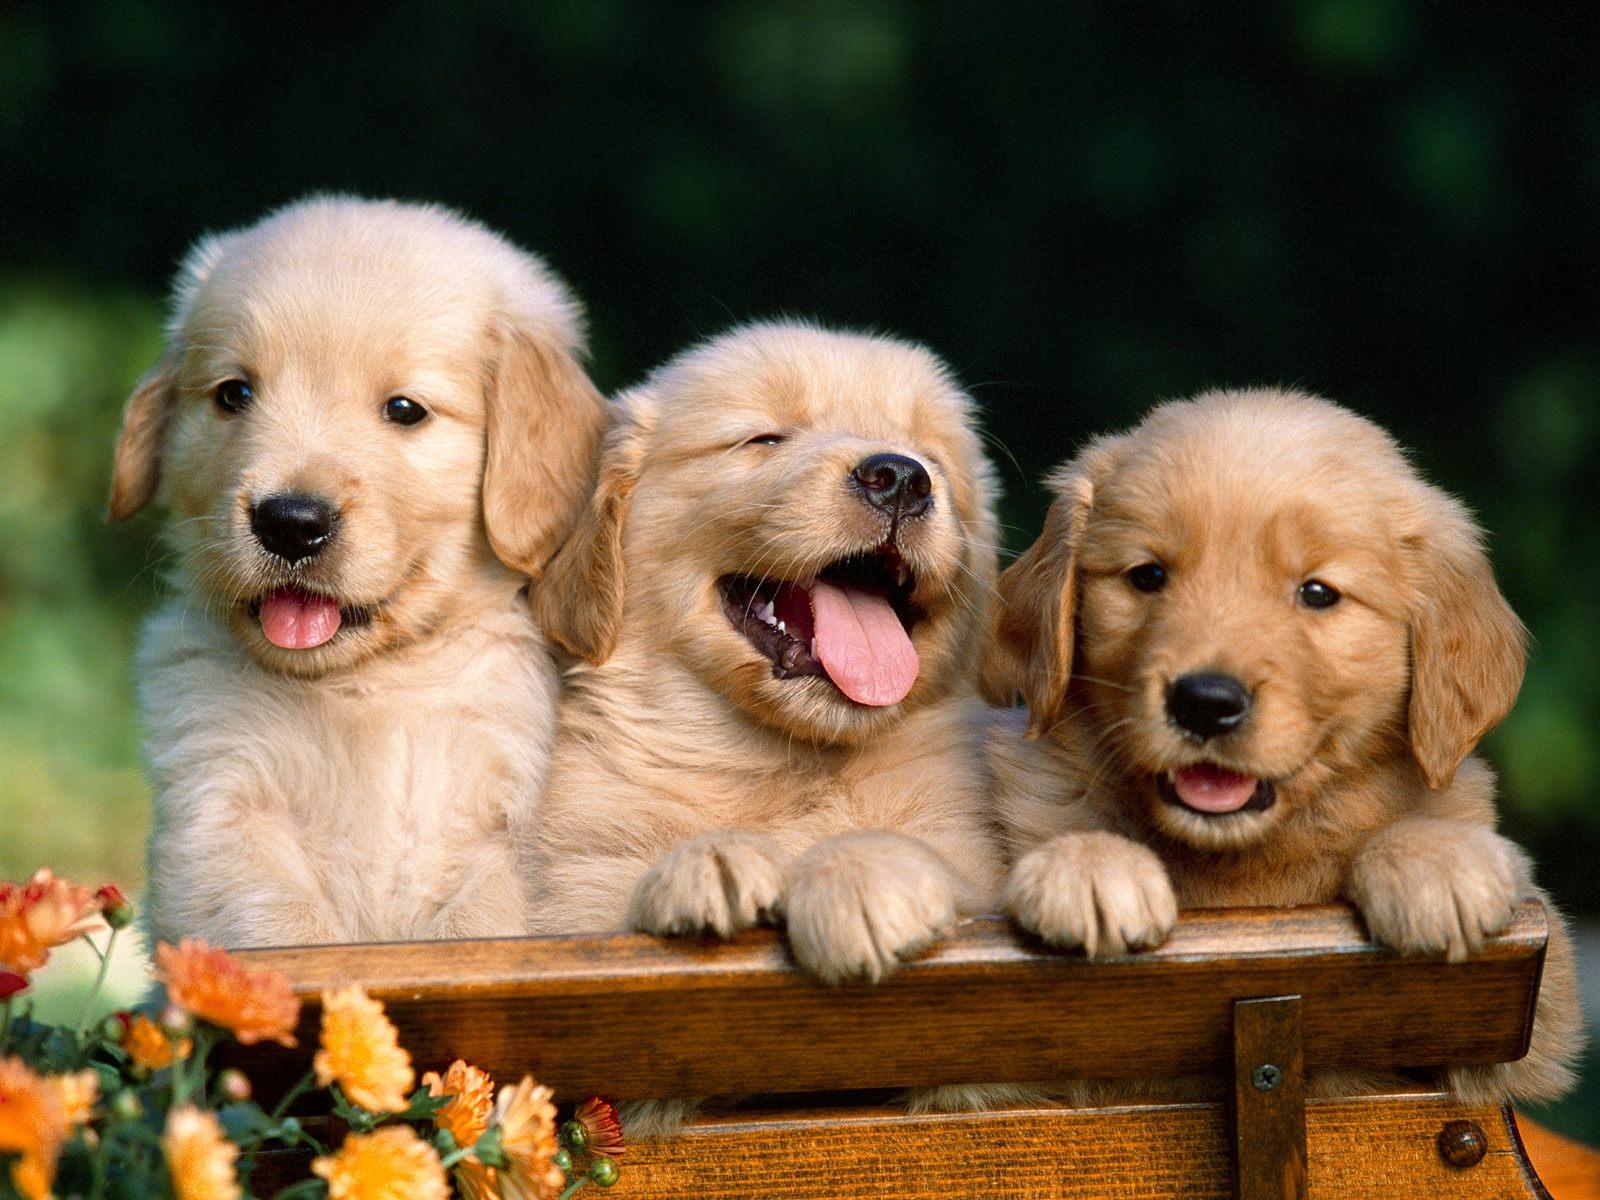 Golden retrievers fun animals wiki videos pictures stories